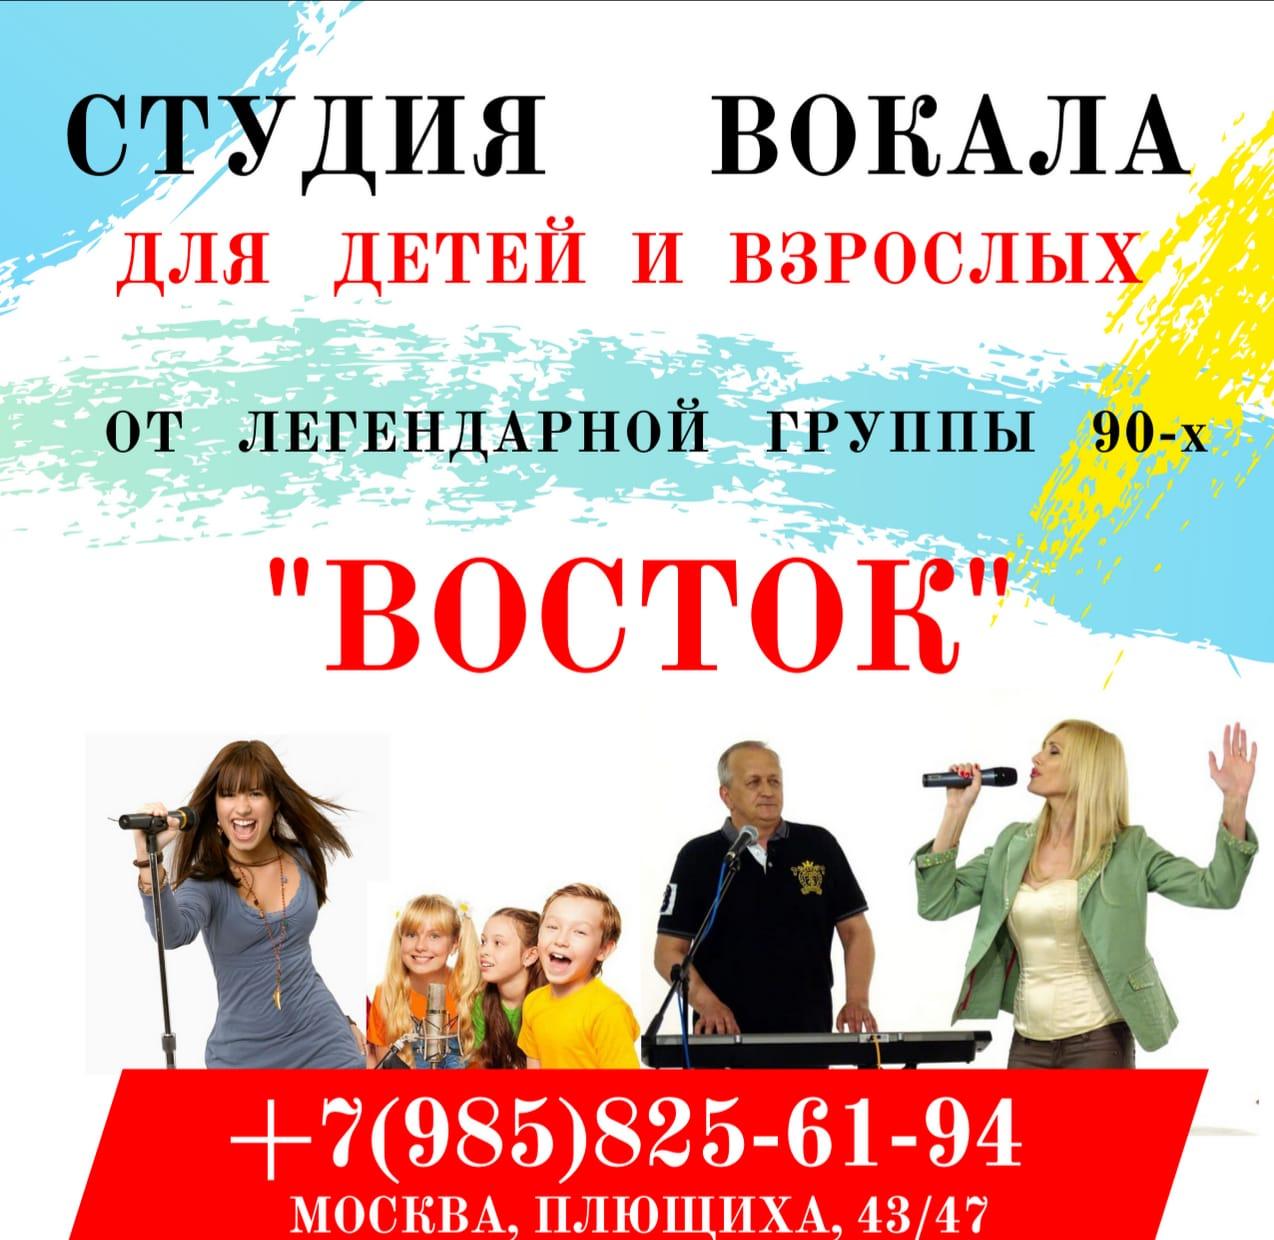 НОВАЯ СТУДИЯ ВОКАЛА ОТ ЛЕГЕНДАРНОЙ ГРУППЫ 90-Х «ВОСТОК»!!!